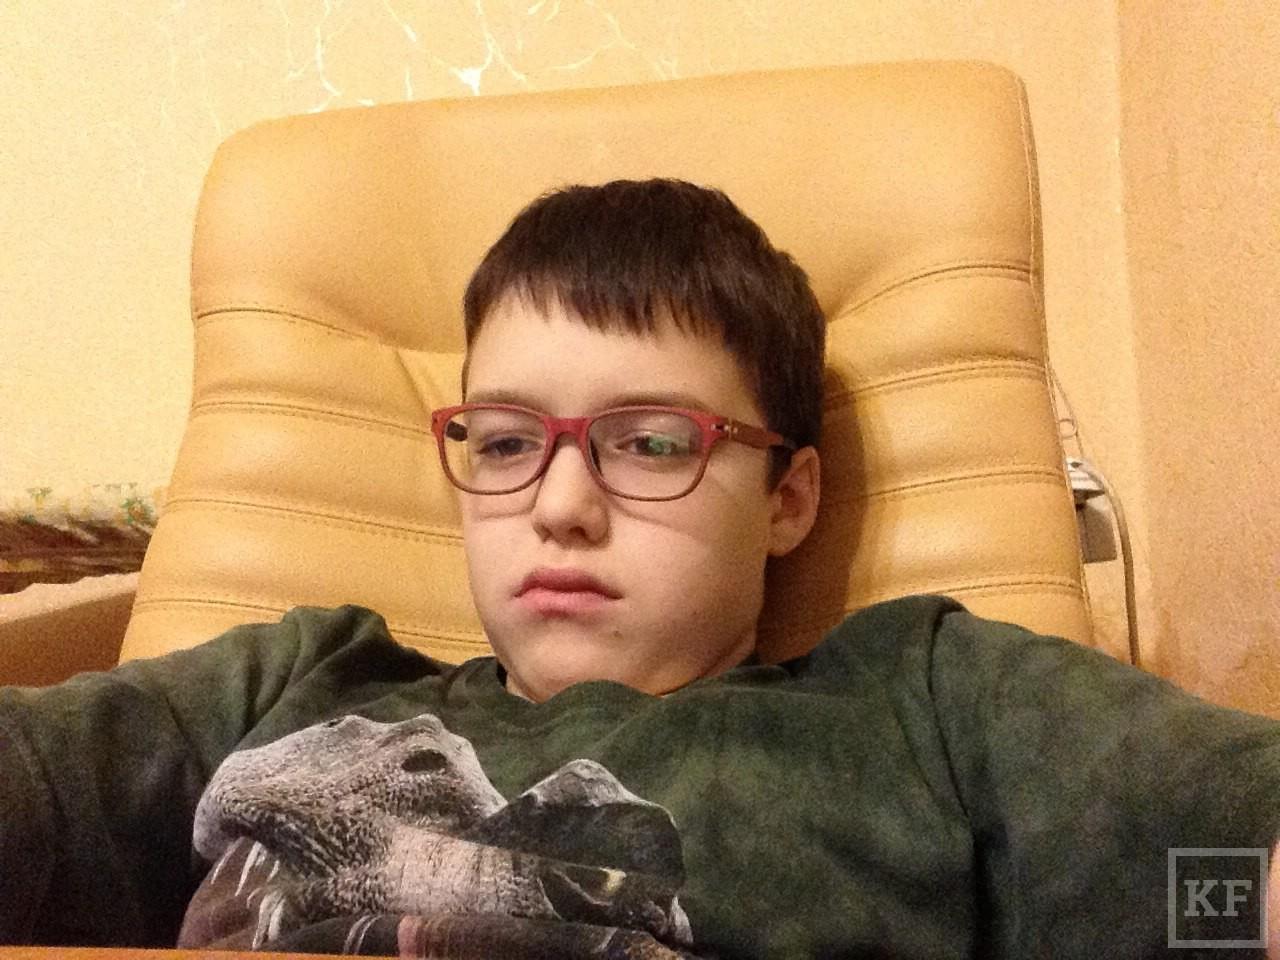 У Рустама Минниханова — 100 тысяч подписчиков «Вконтакте». Очевидно, для него это сейчас независимый канал связи с жителями